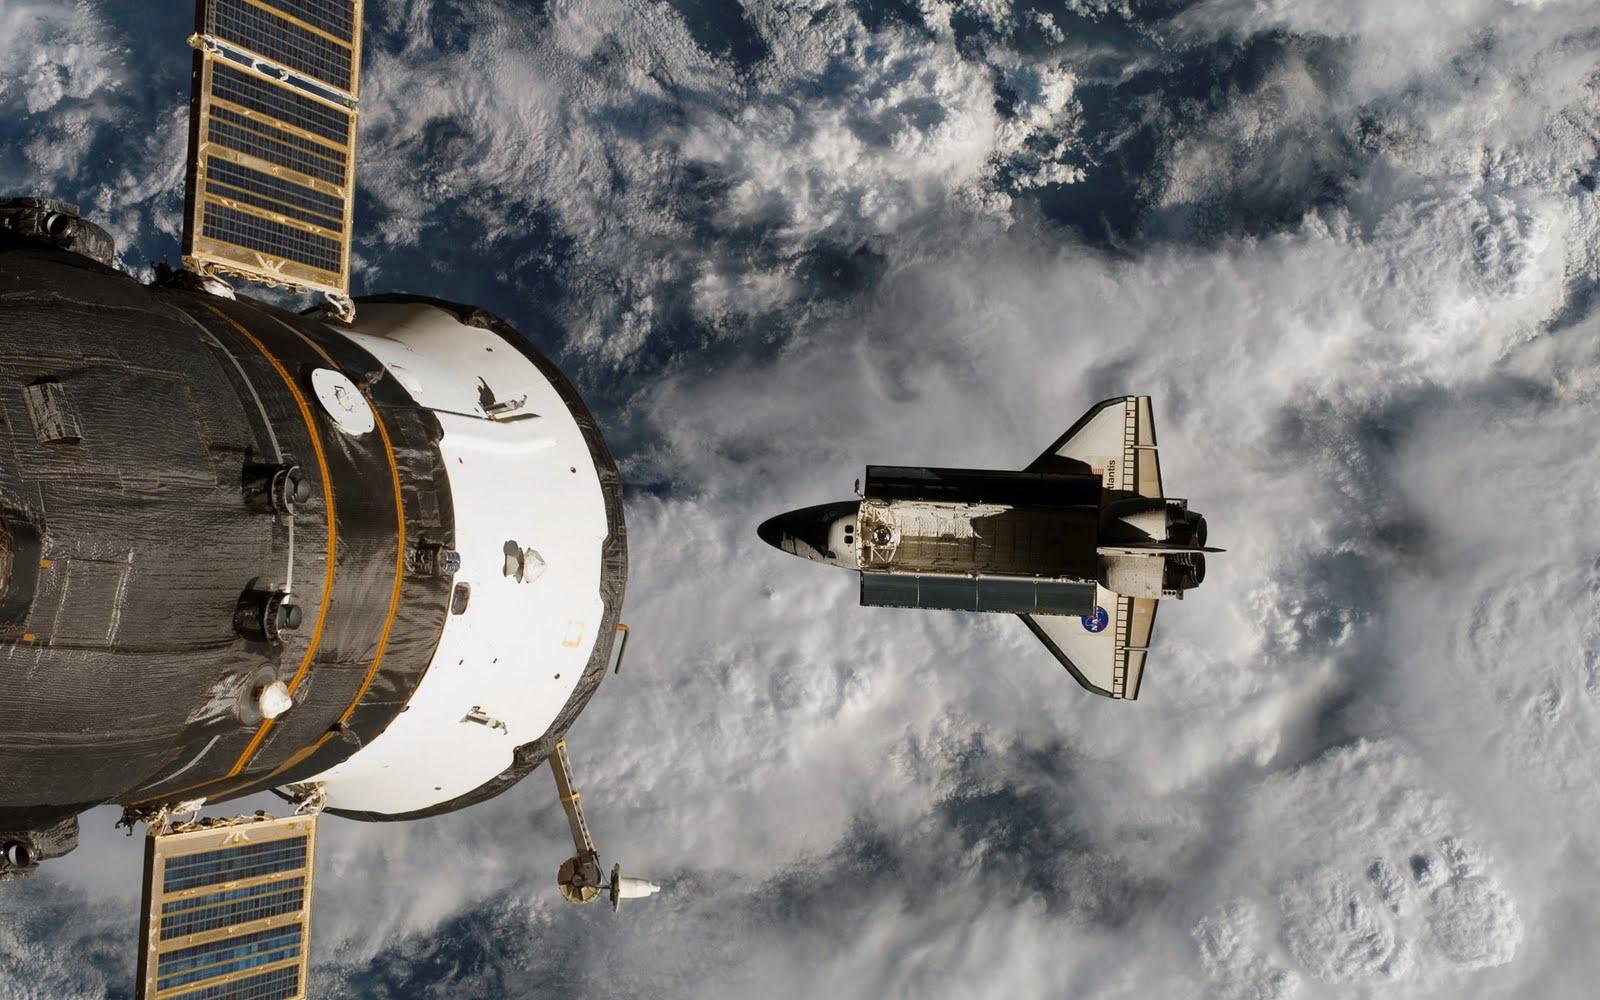 http://1.bp.blogspot.com/_clI_MDn2X3s/SwtU67hohaI/AAAAAAAAAS8/wDj-kjg_a4M/s1600/NASA_-_Space_Shuttle_Atlantis.jpg